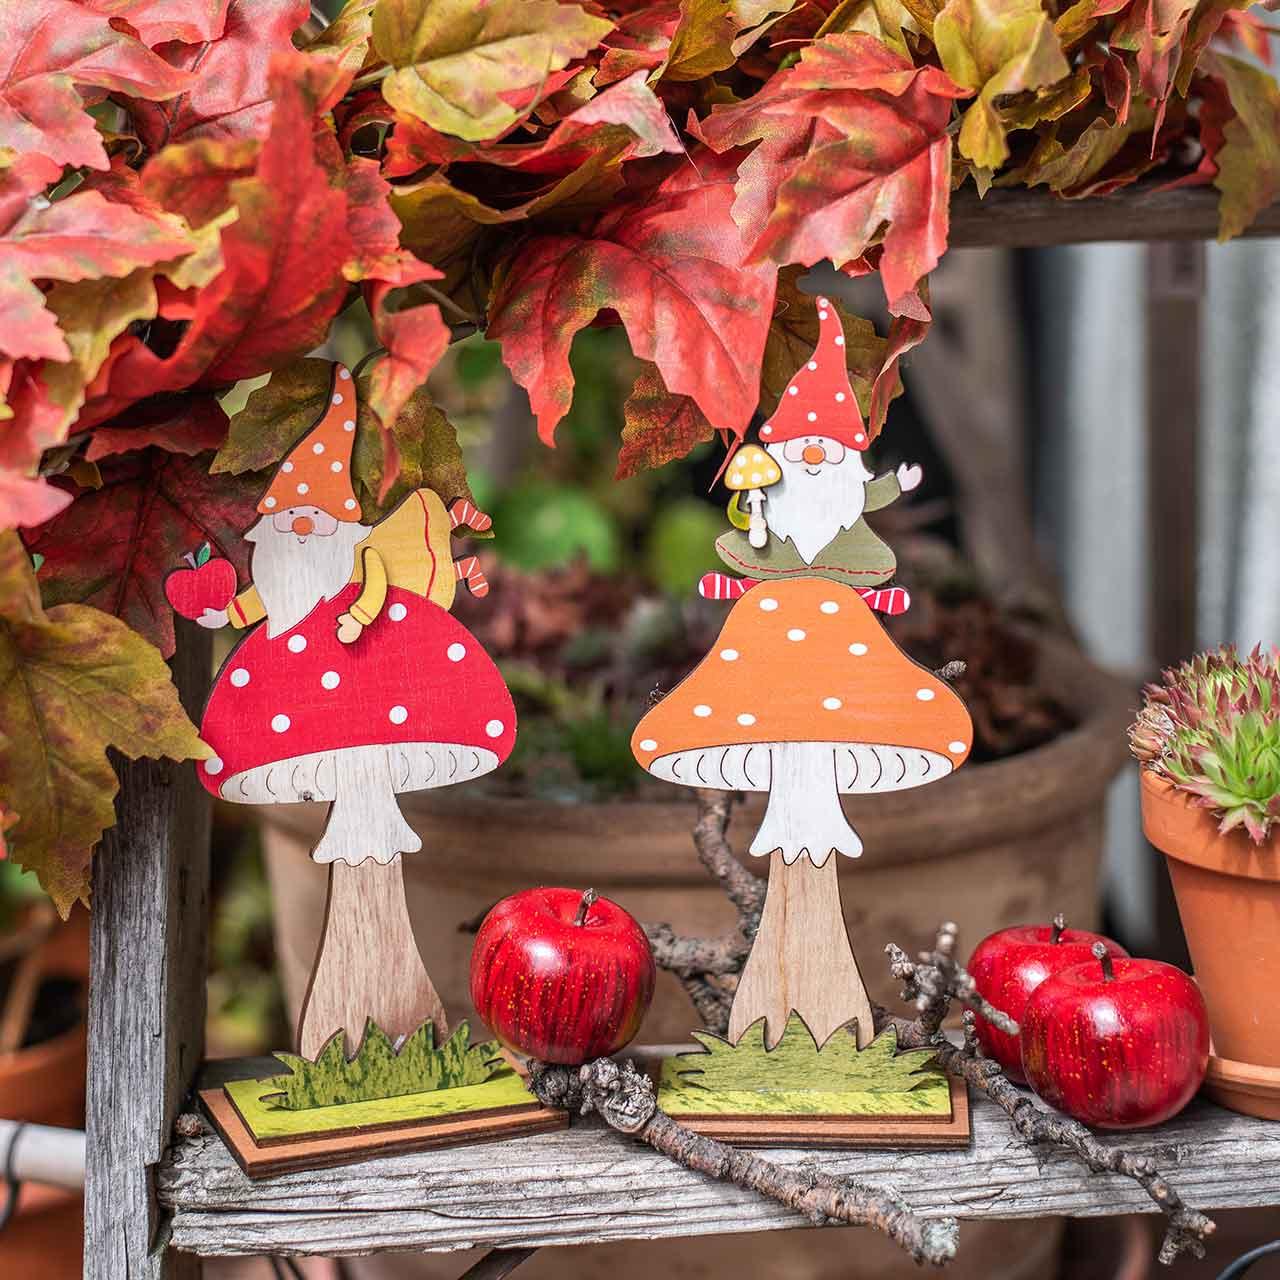 Amanite mouche pour l'automne, décoration bois, gnome sur champignon orange / rouge H21 / 19,5cm 4pcs